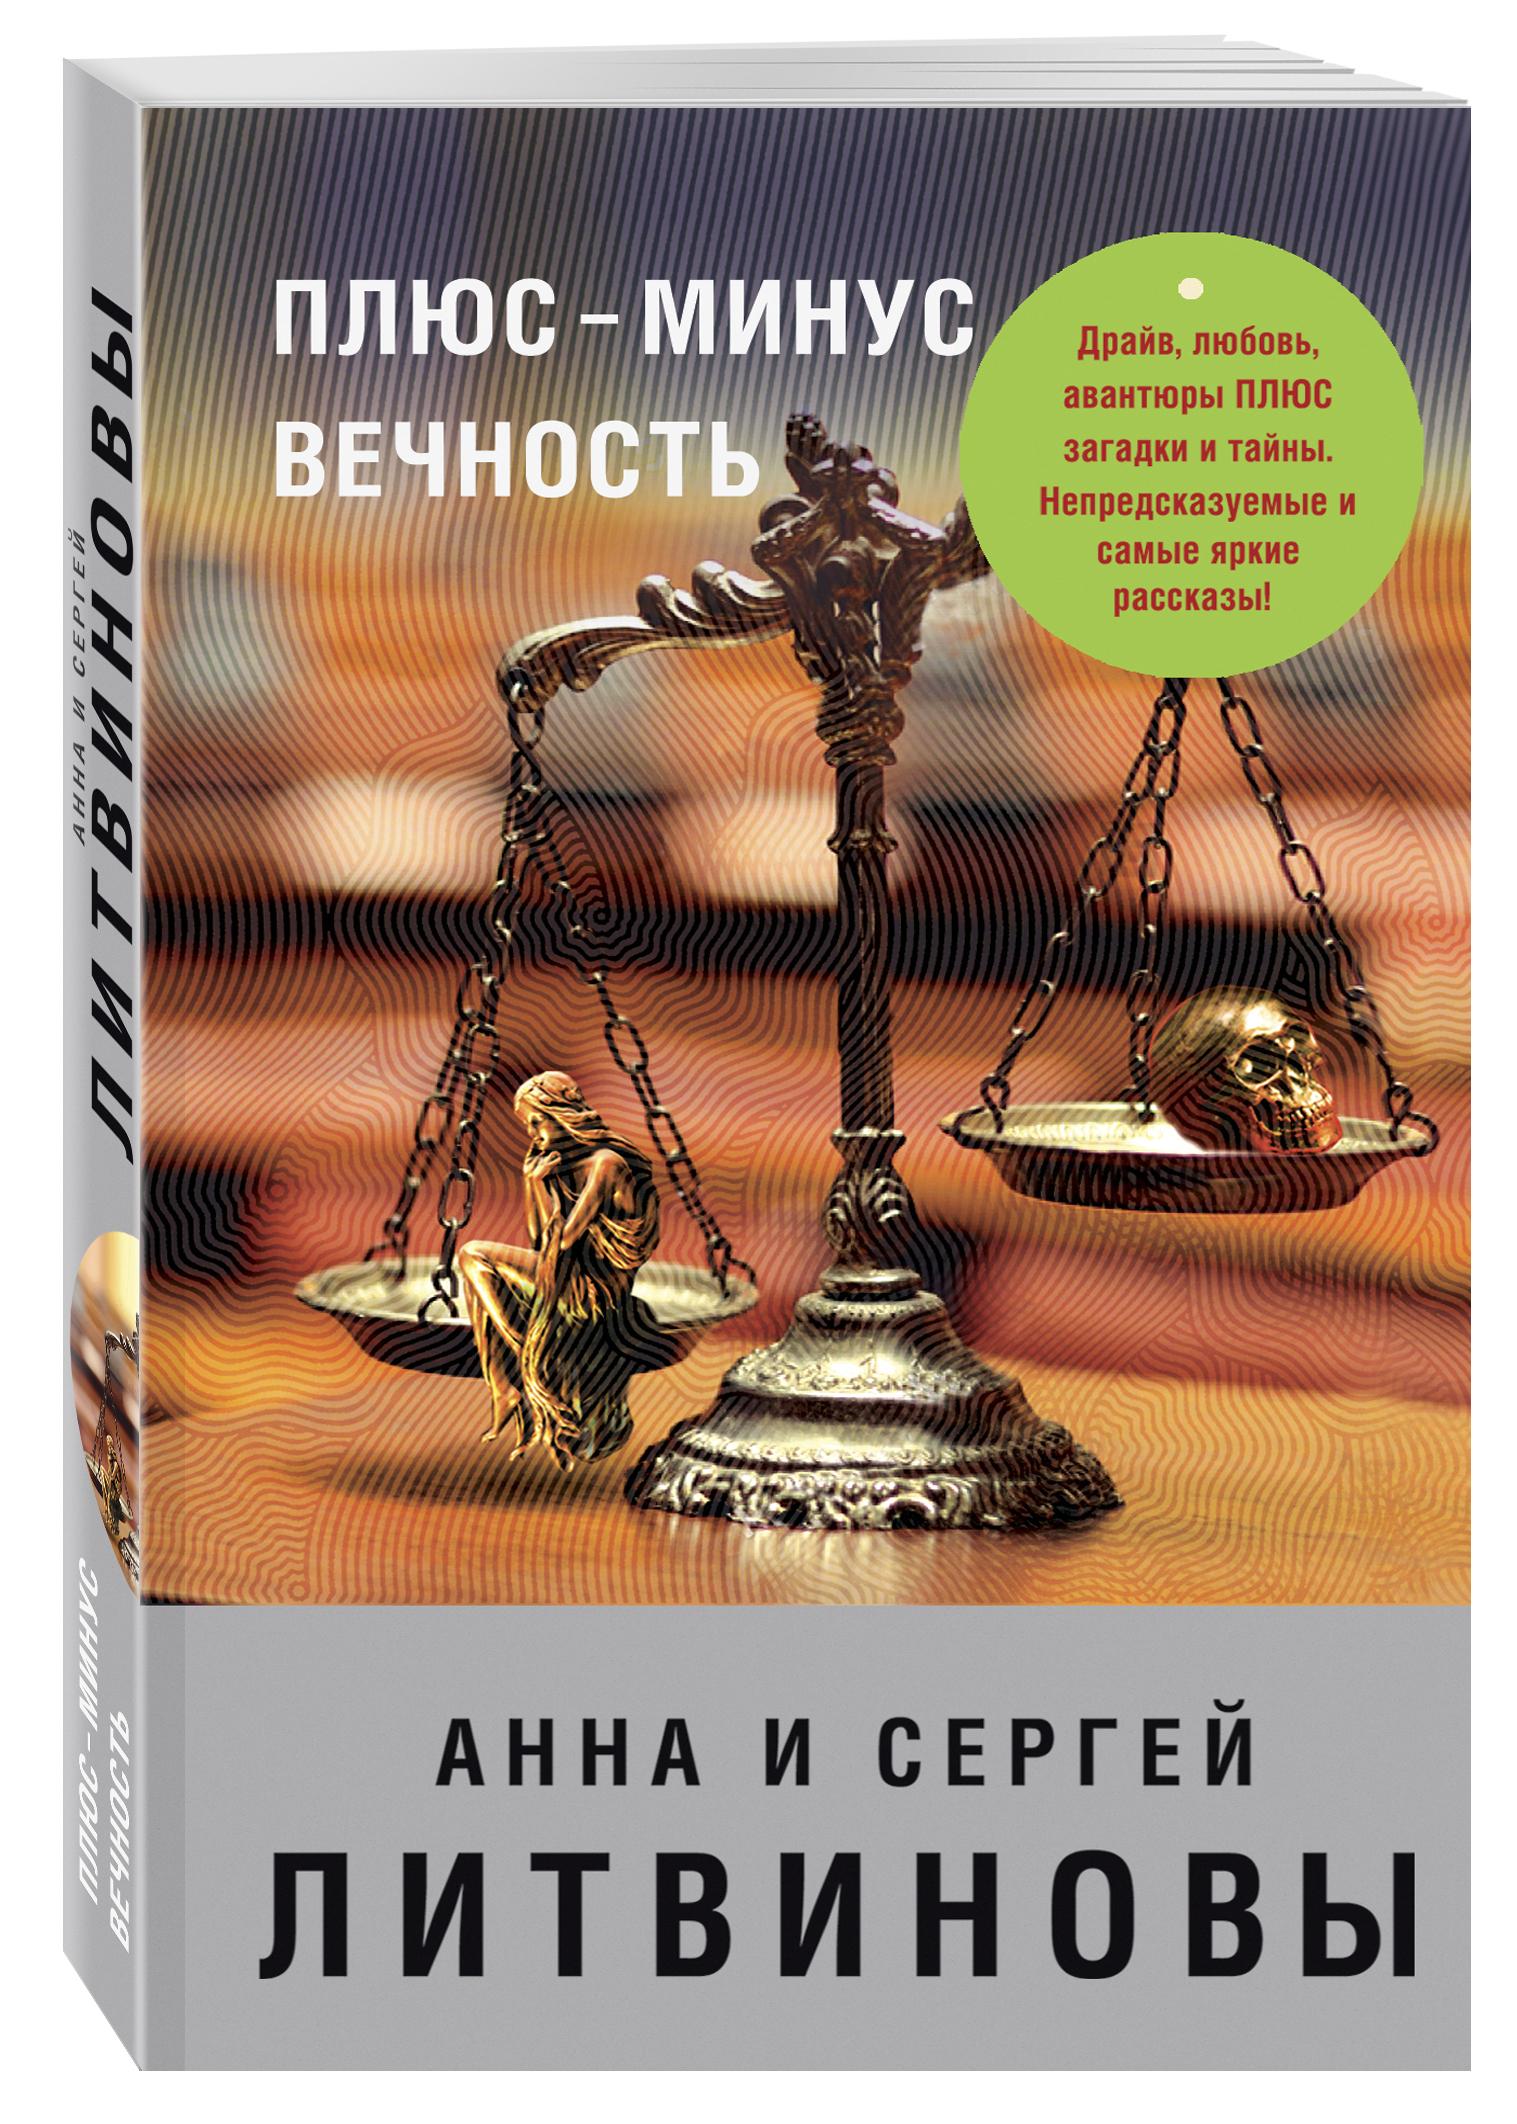 Анна и Сергей Литвиновы Плюс-минус вечность цена